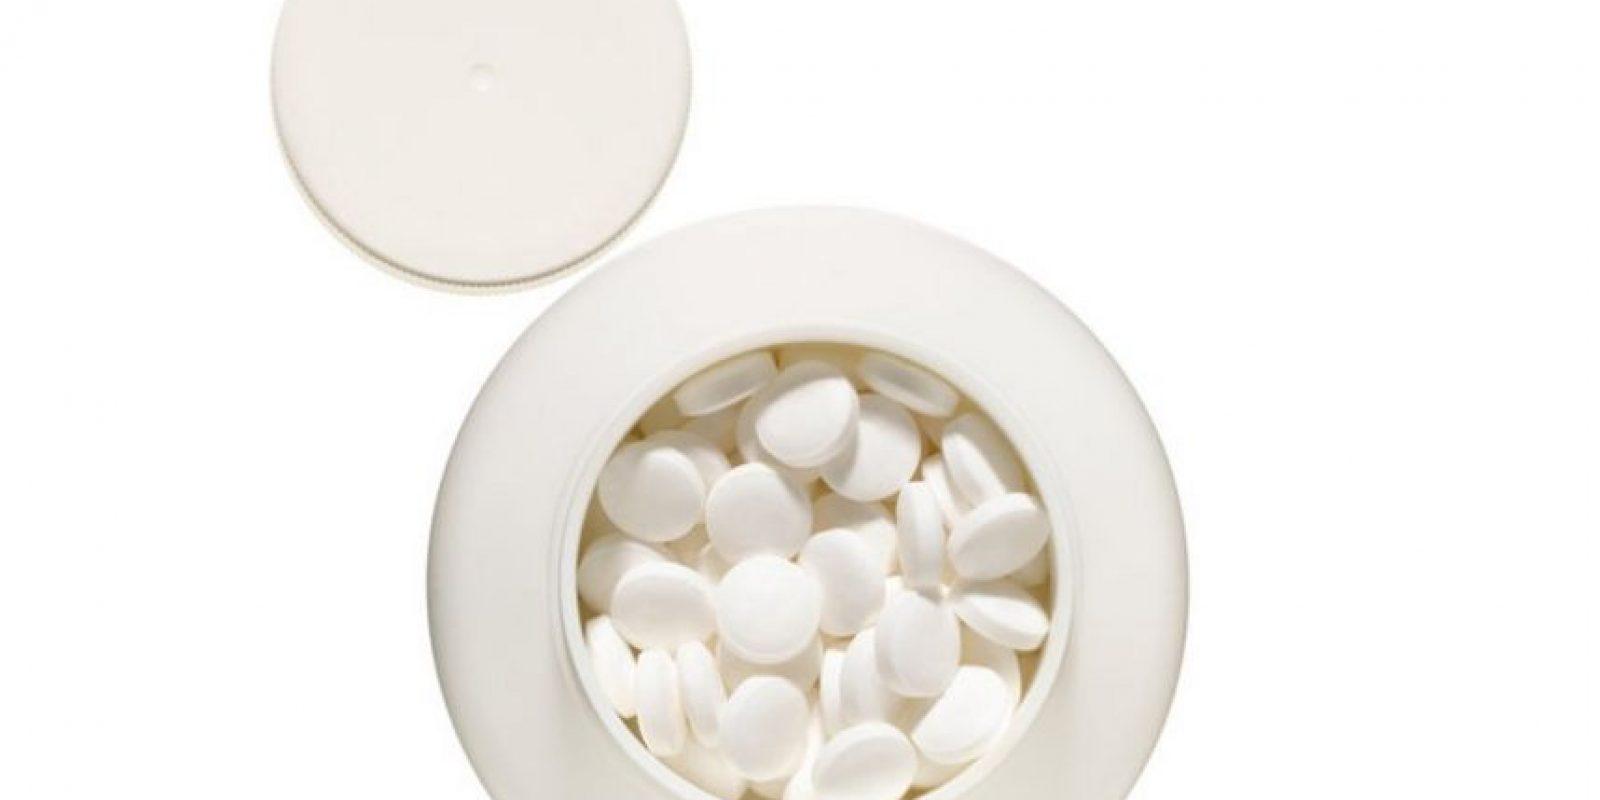 Estas pastillas de la marca Obalon cuestan 4 mil dólares y plantean revolucionar la pérdida de peso. Foto:Obalon System